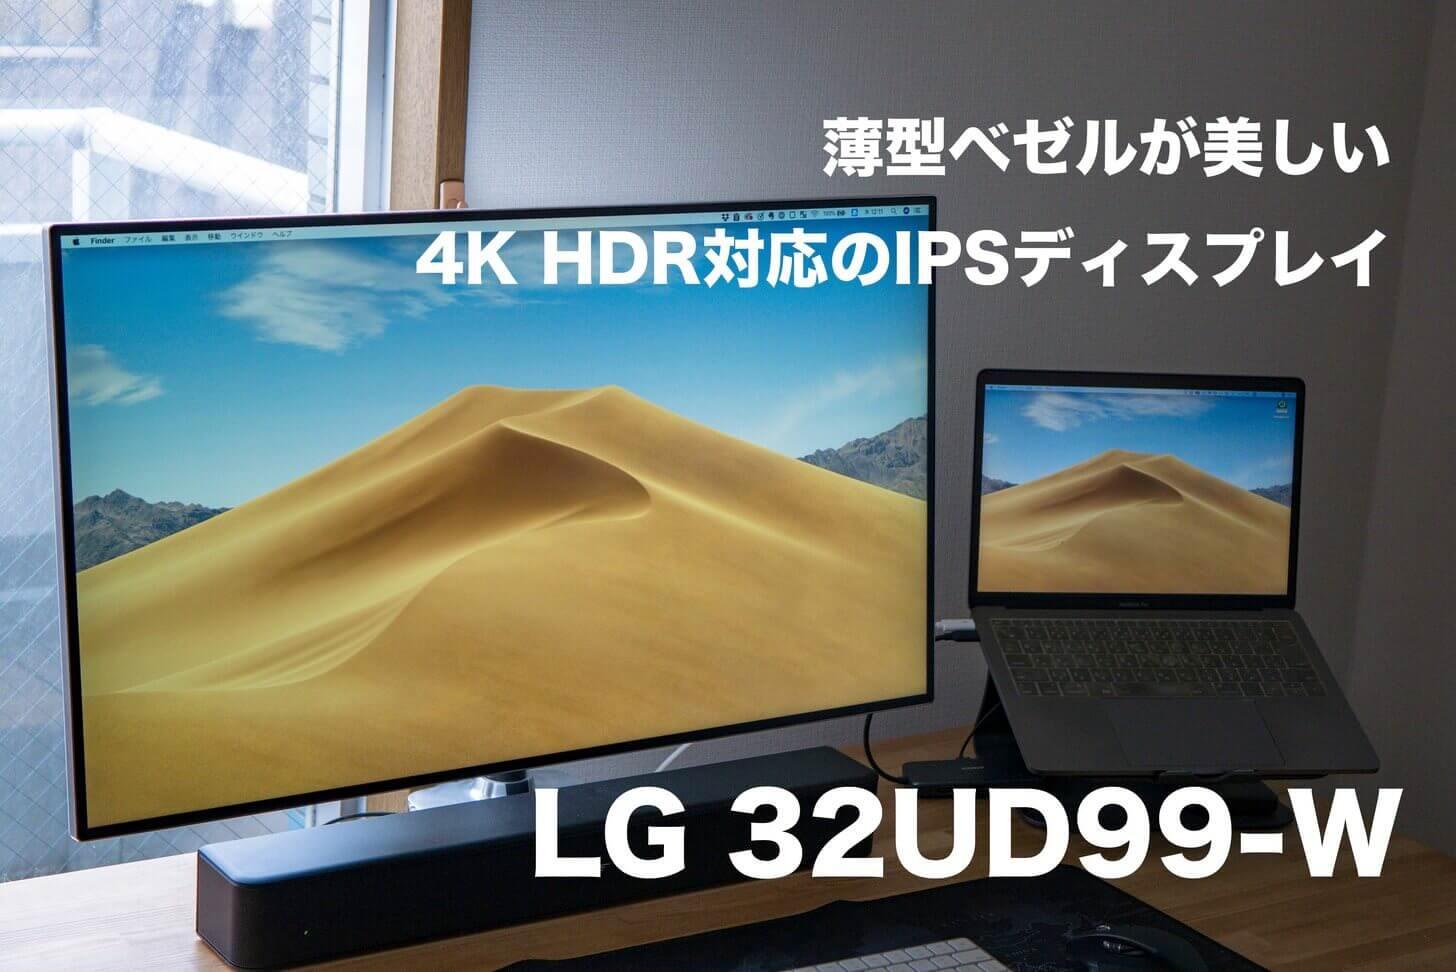 Lg 32ud99 w1